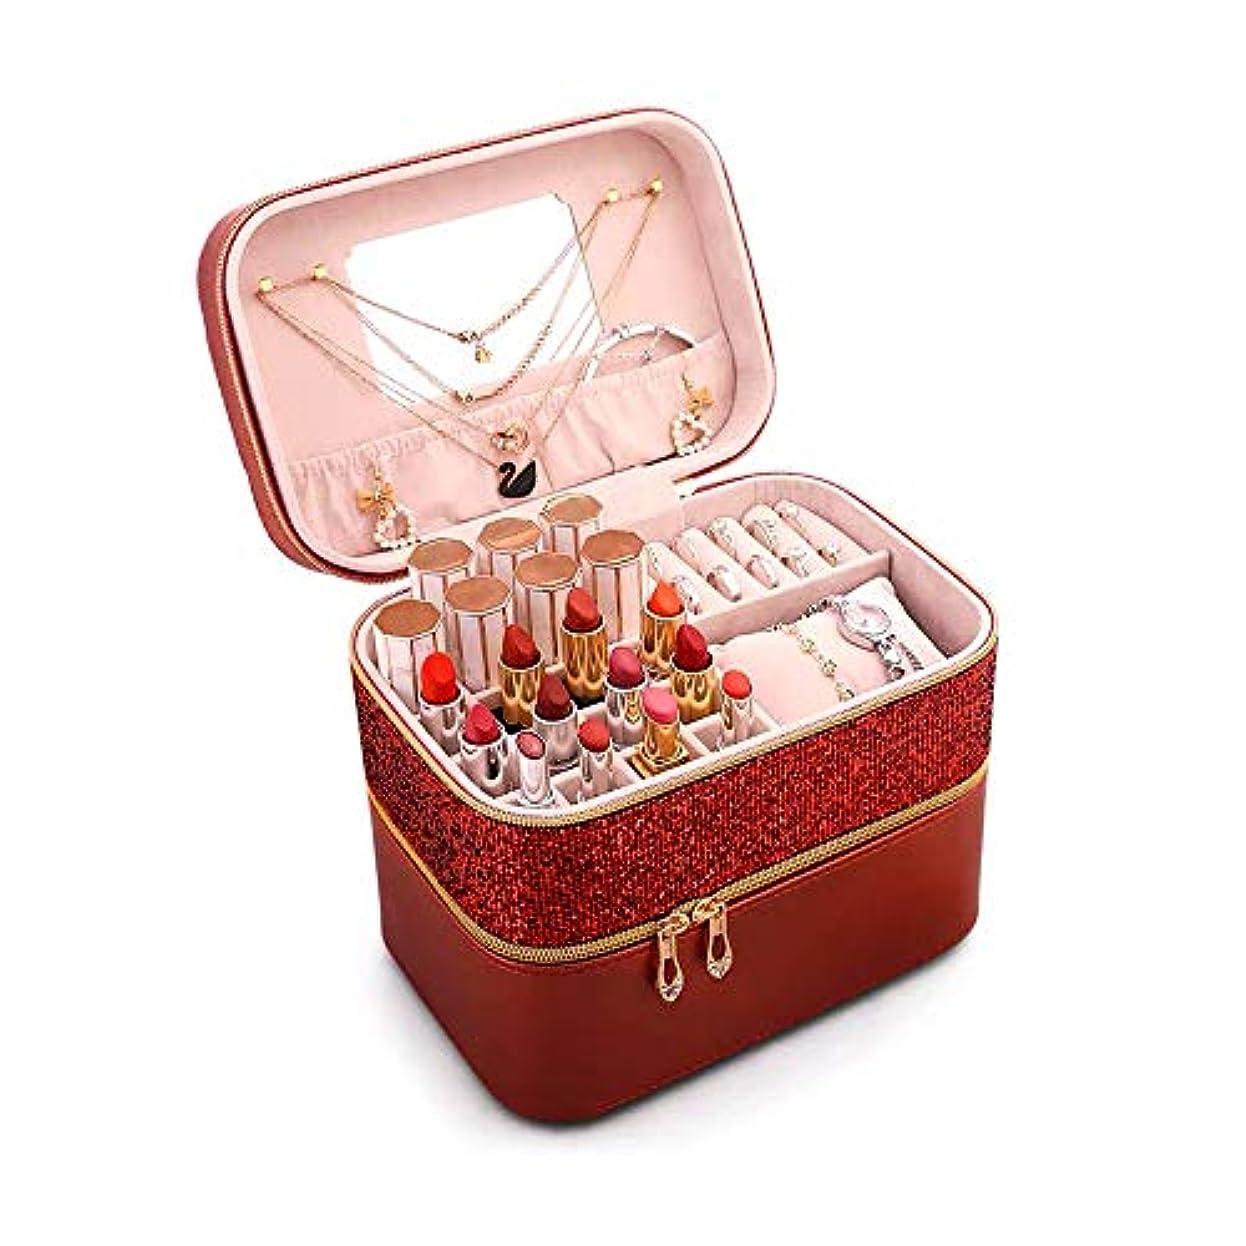 ブランド名前提条件レンダリングSZTulip メイクボックス 化粧品収納ボックス メイクケース コスメボックス 口紅など小物入れ アクセサリー収納 大容量鏡付き (レッド)